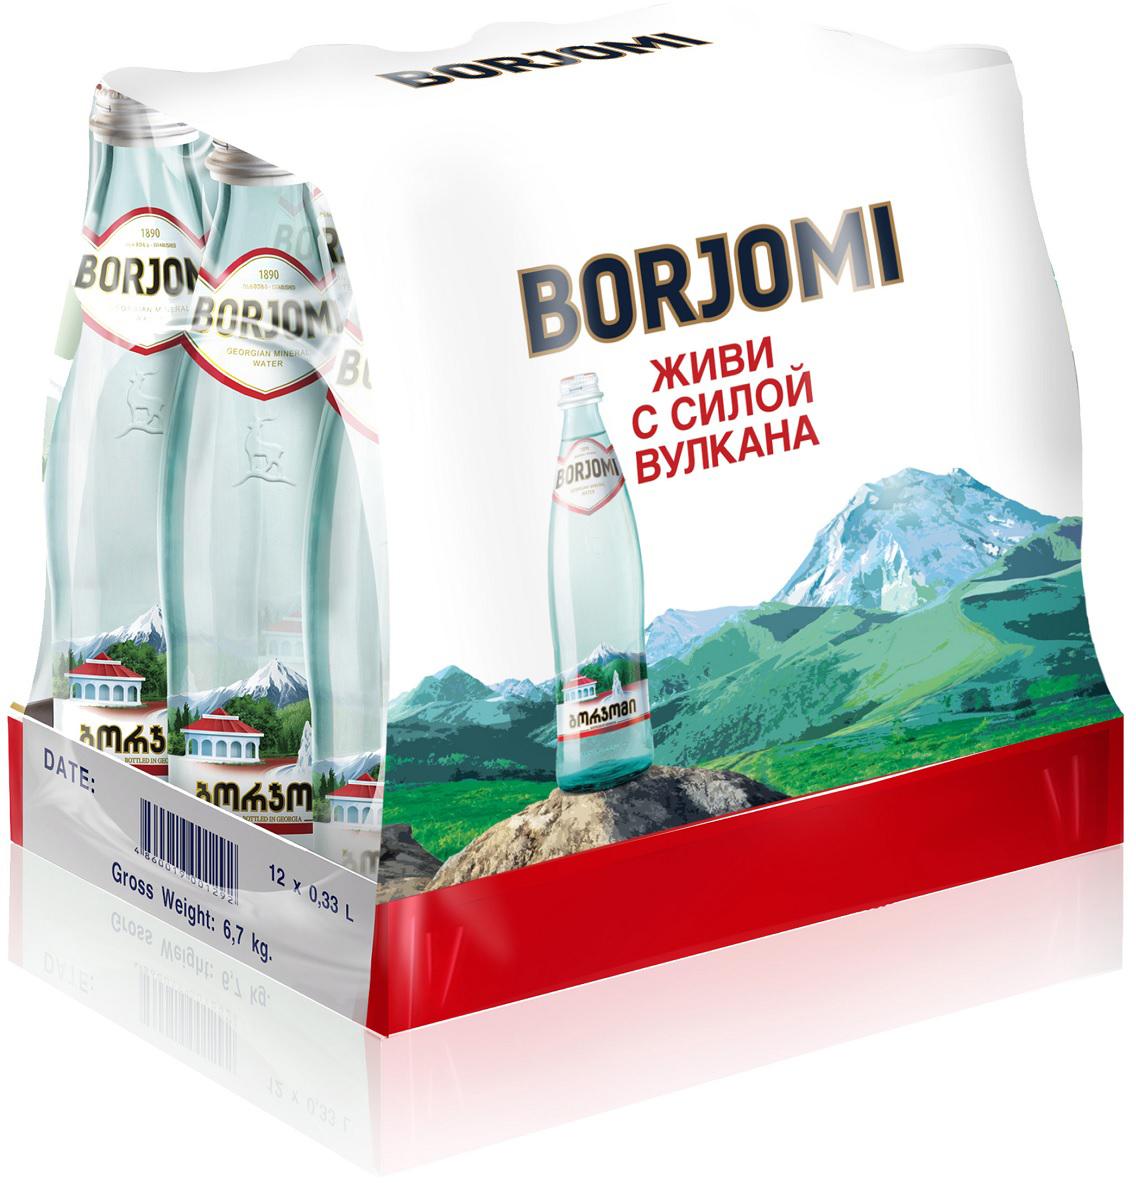 Borjomi вода природная гидрокарбонатно-натриевая минеральная, 12 шт по 0,5 л4860019001308Borjomi – природная гидрокарбонатно-натриевая минеральная вода с минерализацией 5,0-7,5 г/л. Рожденная в недрах Кавказских гор, она бьет из земли горячим ключом в долине Боржоми, на территории крупнейшего в Европе Грузинского Национального парка Боржоми-Харагаули. Благодаря уникальному комплексу минералов вулканического происхождения, эта природная минеральная вода действует как душ изнутри и прекрасно очищает организм.Зарождаясь на глубине 8000 м и поднимаясь сквозь слои вулканических пород, вода Borjomi насыщается природной композицией из более чем 60 полезных минералов.Разлито на месте добычи из Боржомского месторождения минеральных вод (скв.№25Э,41р).Показания по лечебному применению: болезни пищевода, хронический гастритс нормальной и повышенной секреторной функцией желудка, язвенная болезньжелудка и двенадцатиперстной кишки, болезни кишечника, болезни печени,желчного пузыря и желчевыводящих путей, болезни поджелудочной железы,нарушение органов пищеварения после оперативных вмешательств по поводуязвенной болезни желудка, постхолецистэктомические синдромы, болезниобмена веществ: сахарный диабет, ожирение, болезни мочевыводящих путей.При вышеуказанных заболеваниях применяется только вне фазы обострения. В упаковке 12 бутылок из стекла. Уважаемые клиенты! Обращаем ваше внимание на то, что упаковка может иметь несколько видов дизайна. Поставка осуществляется в зависимости от наличия на складе.Сколько нужно пить воды: мнение диетолога. Статья OZON Гид